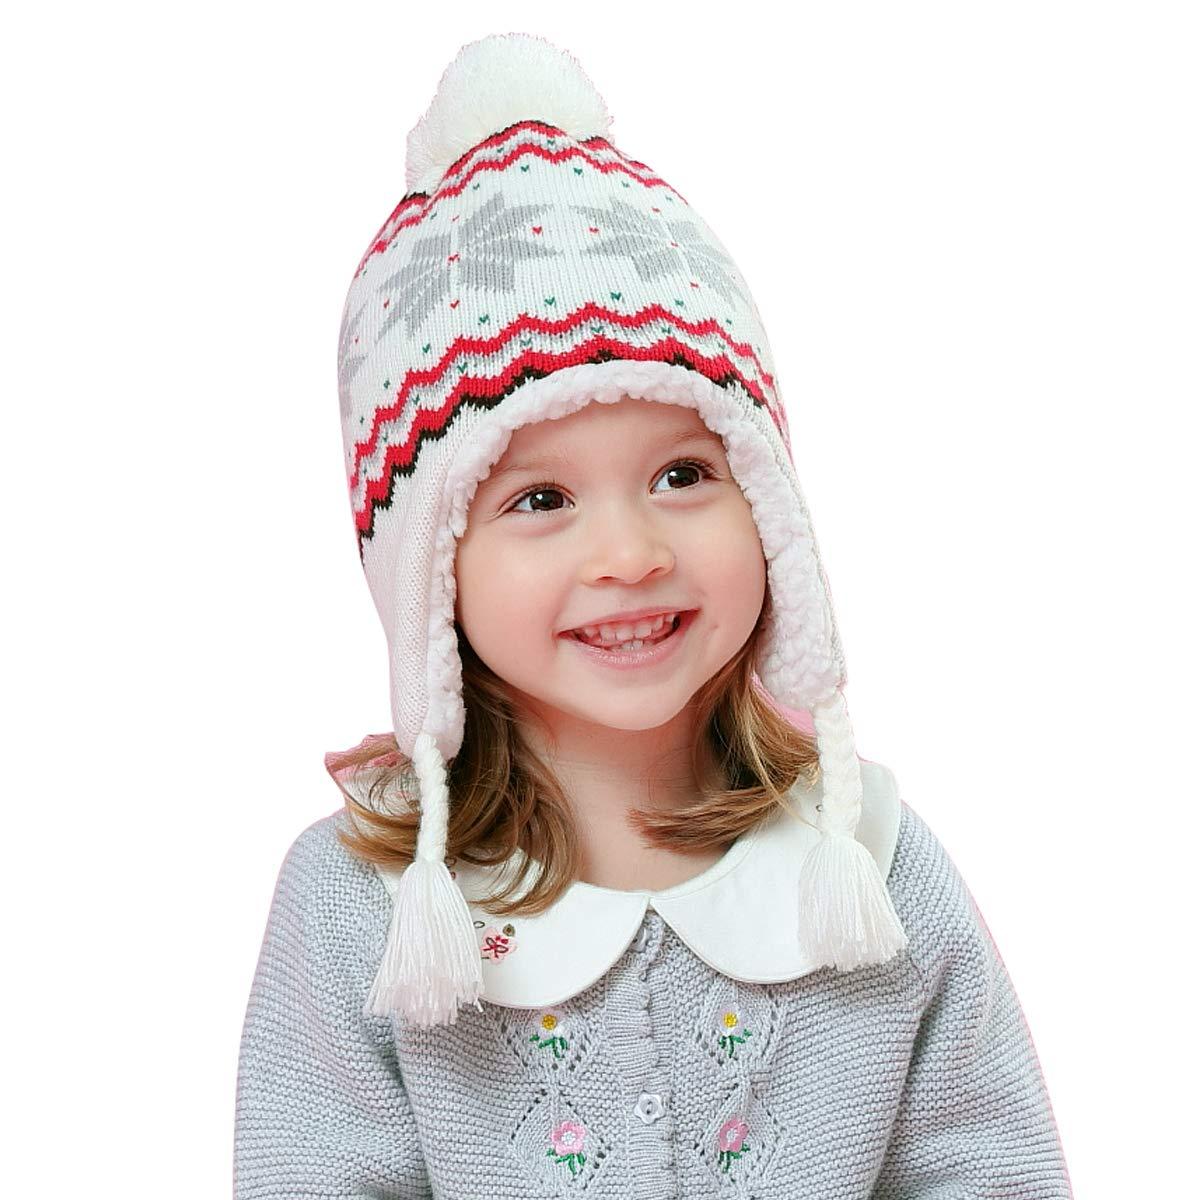 LAPLBEKE Bébé Fille Garçon Bonnet Tricoté Pompom Casquette Beanie Froid Chapeau Chaud d'hiver Enfants Automne Hiver